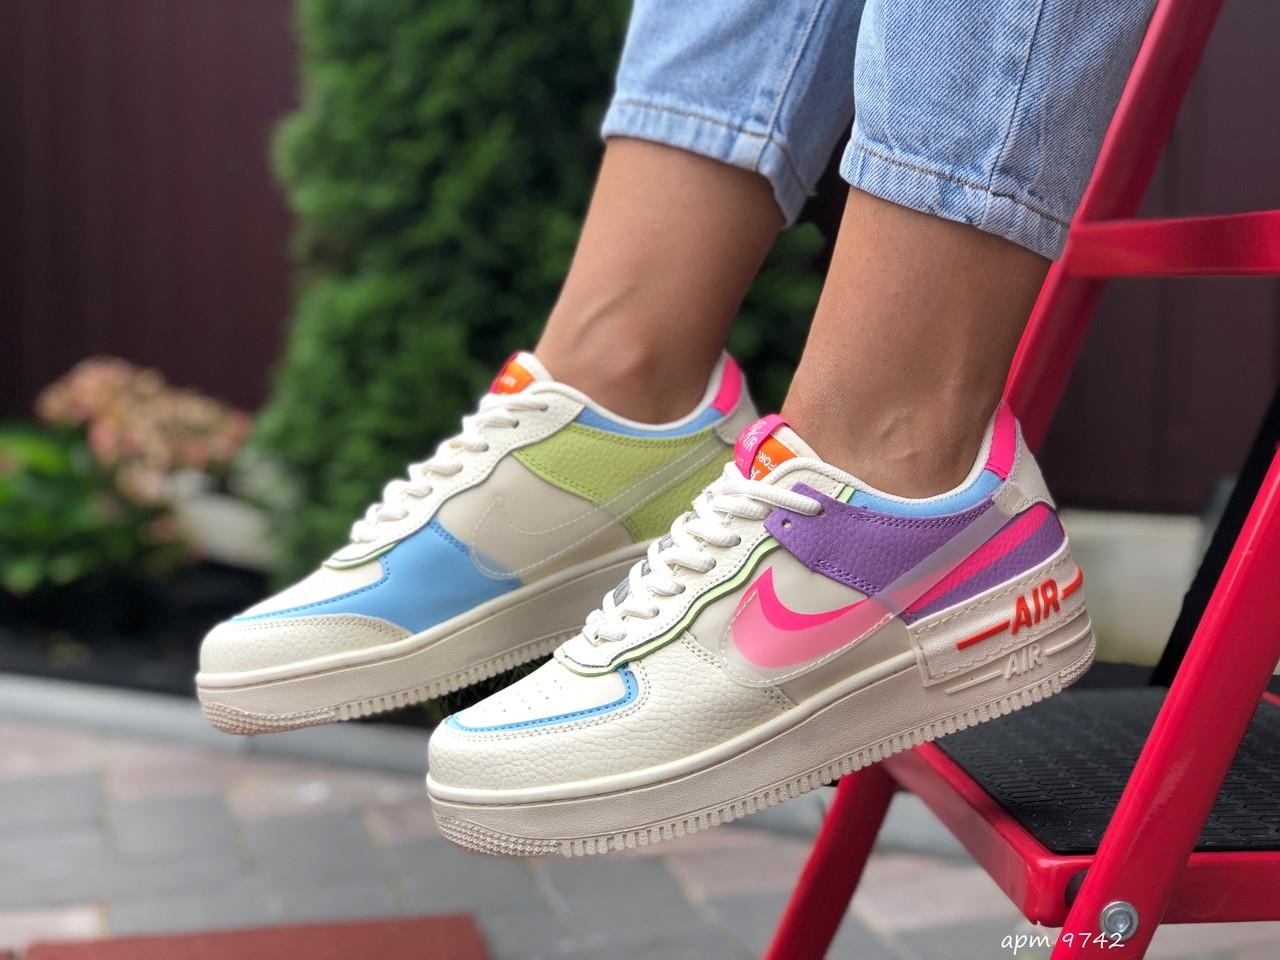 Nike Air женские бежевые с розовым/фиолетовые демисезонные кроссовки на шнурках